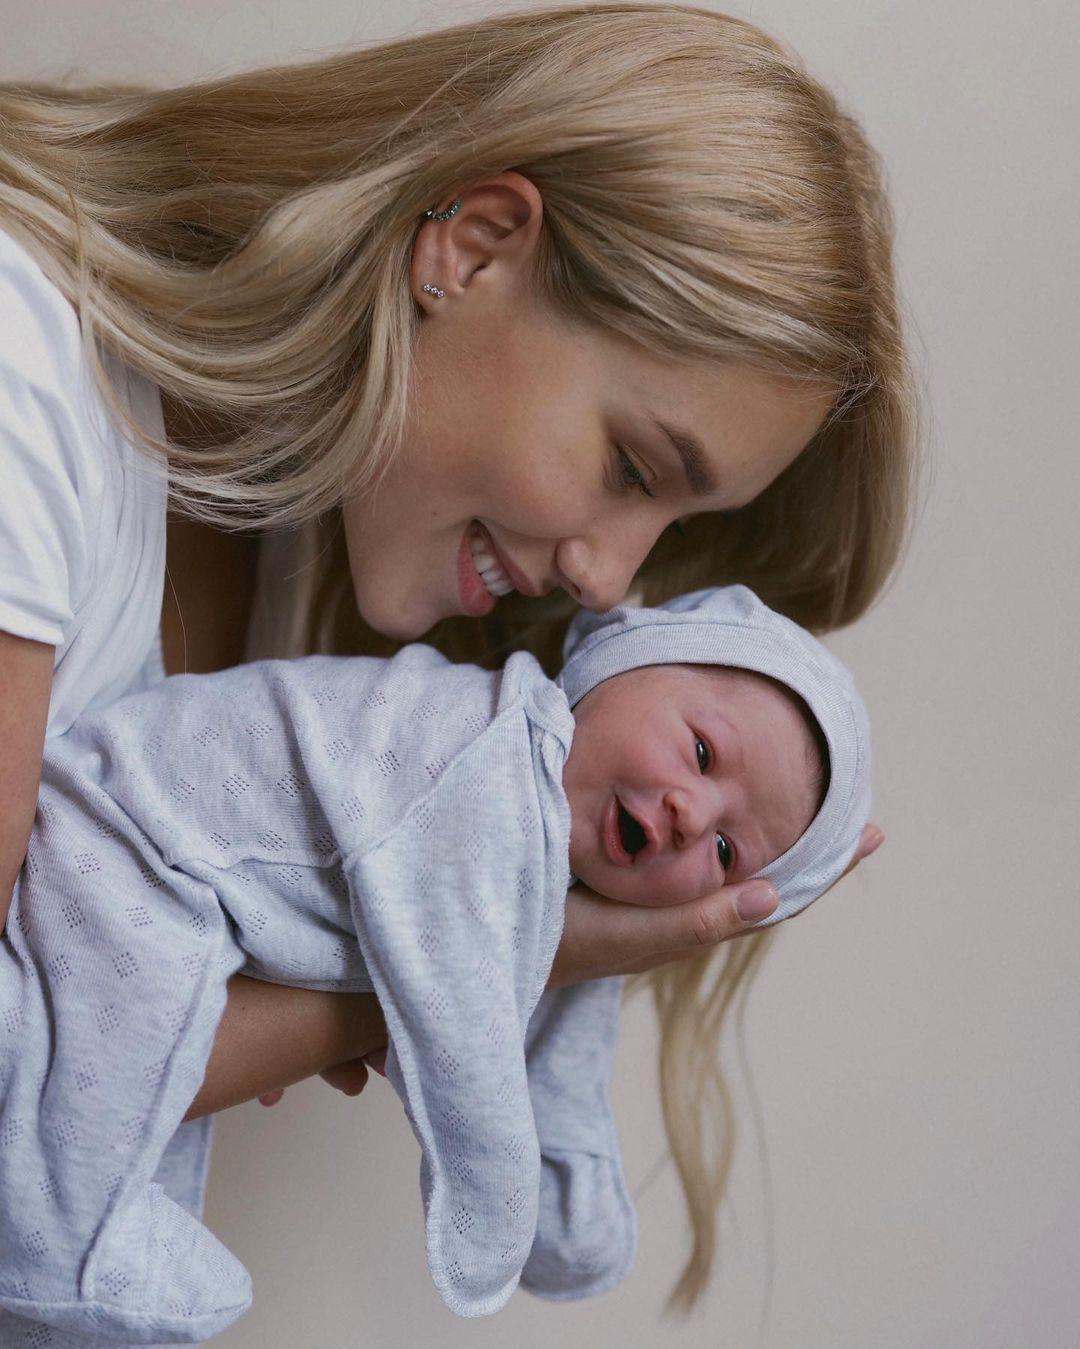 Квіткова і Добринін охрестили сина / instagram.com/kvittkova